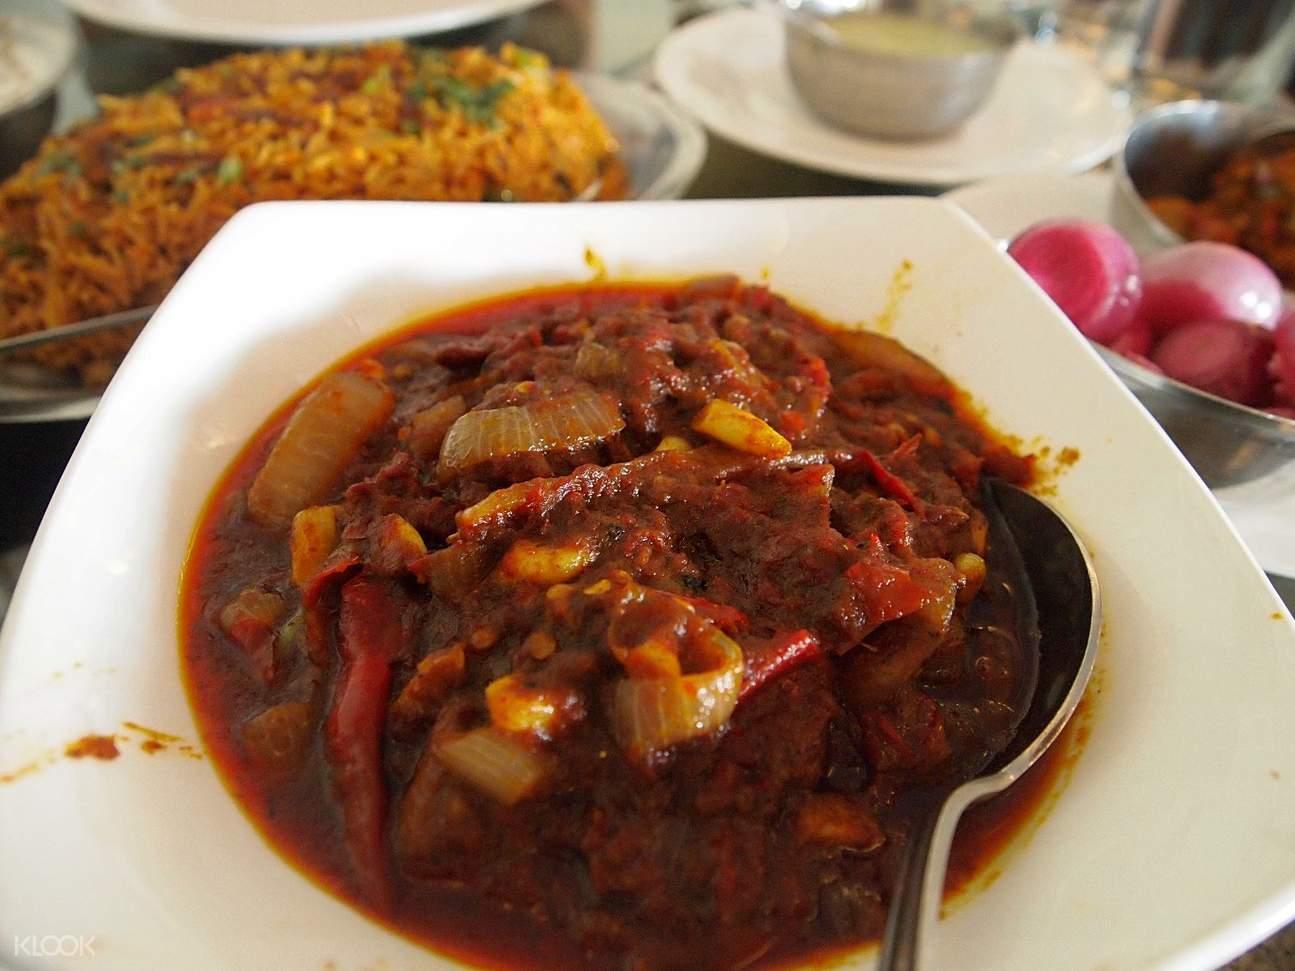 乌代浦美食,乌代浦私房菜,乌代浦特色美食